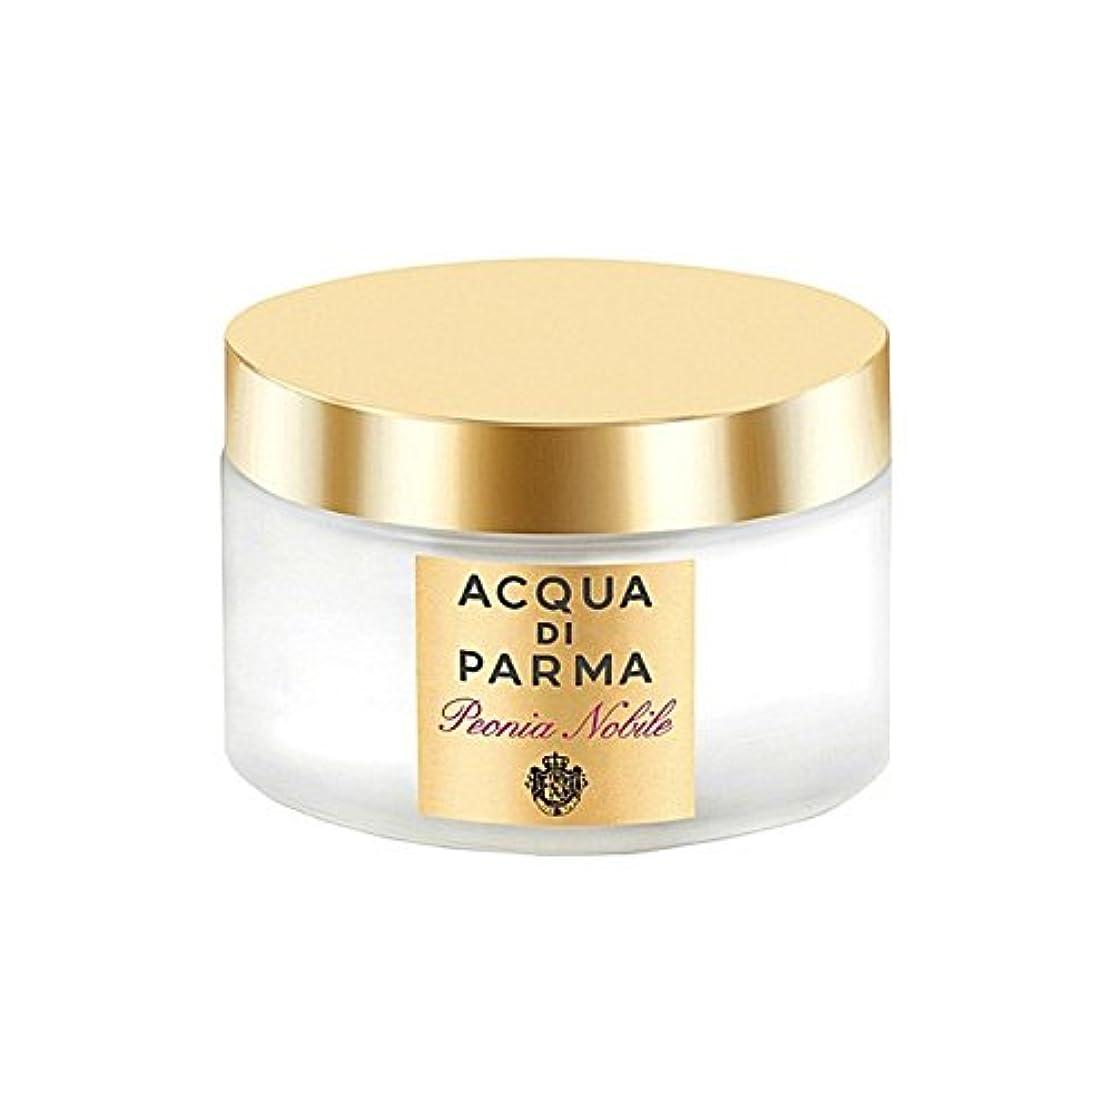 Acqua Di Parma Peonia Nobile Body Cream 150ml (Pack of 6) - アクアディパルマノビレボディクリーム150ミリリットル x6 [並行輸入品]